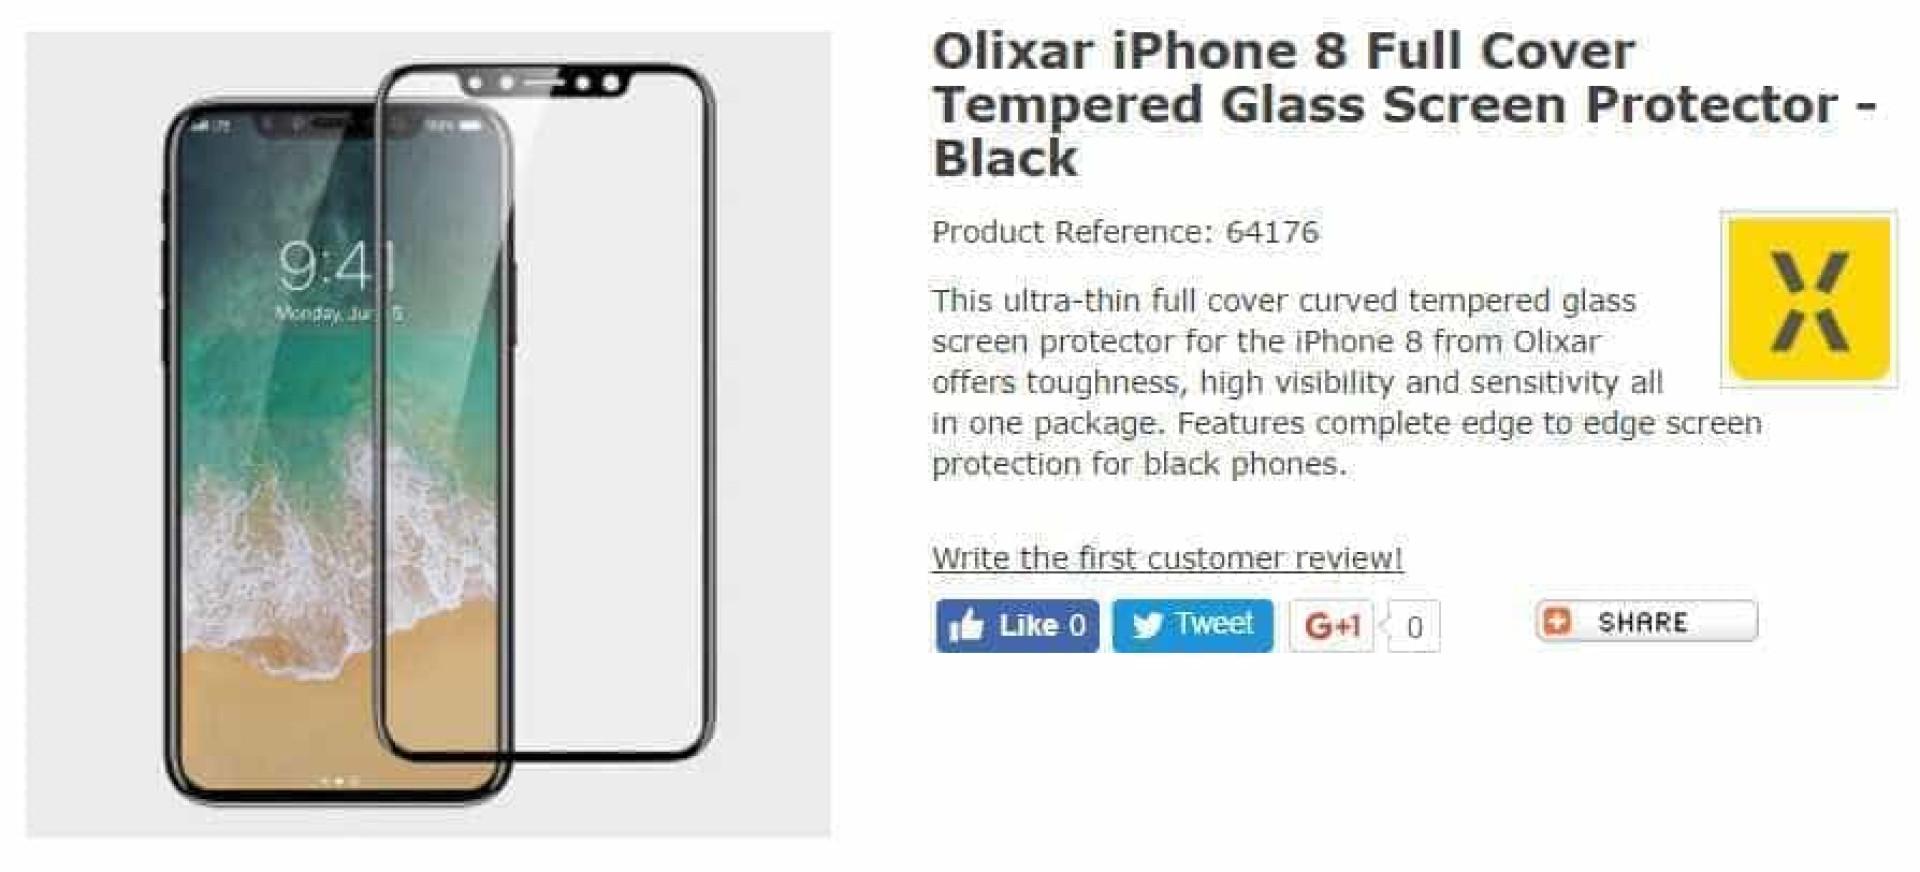 Protetor de ecrã confirma aspeto do iPhone 8